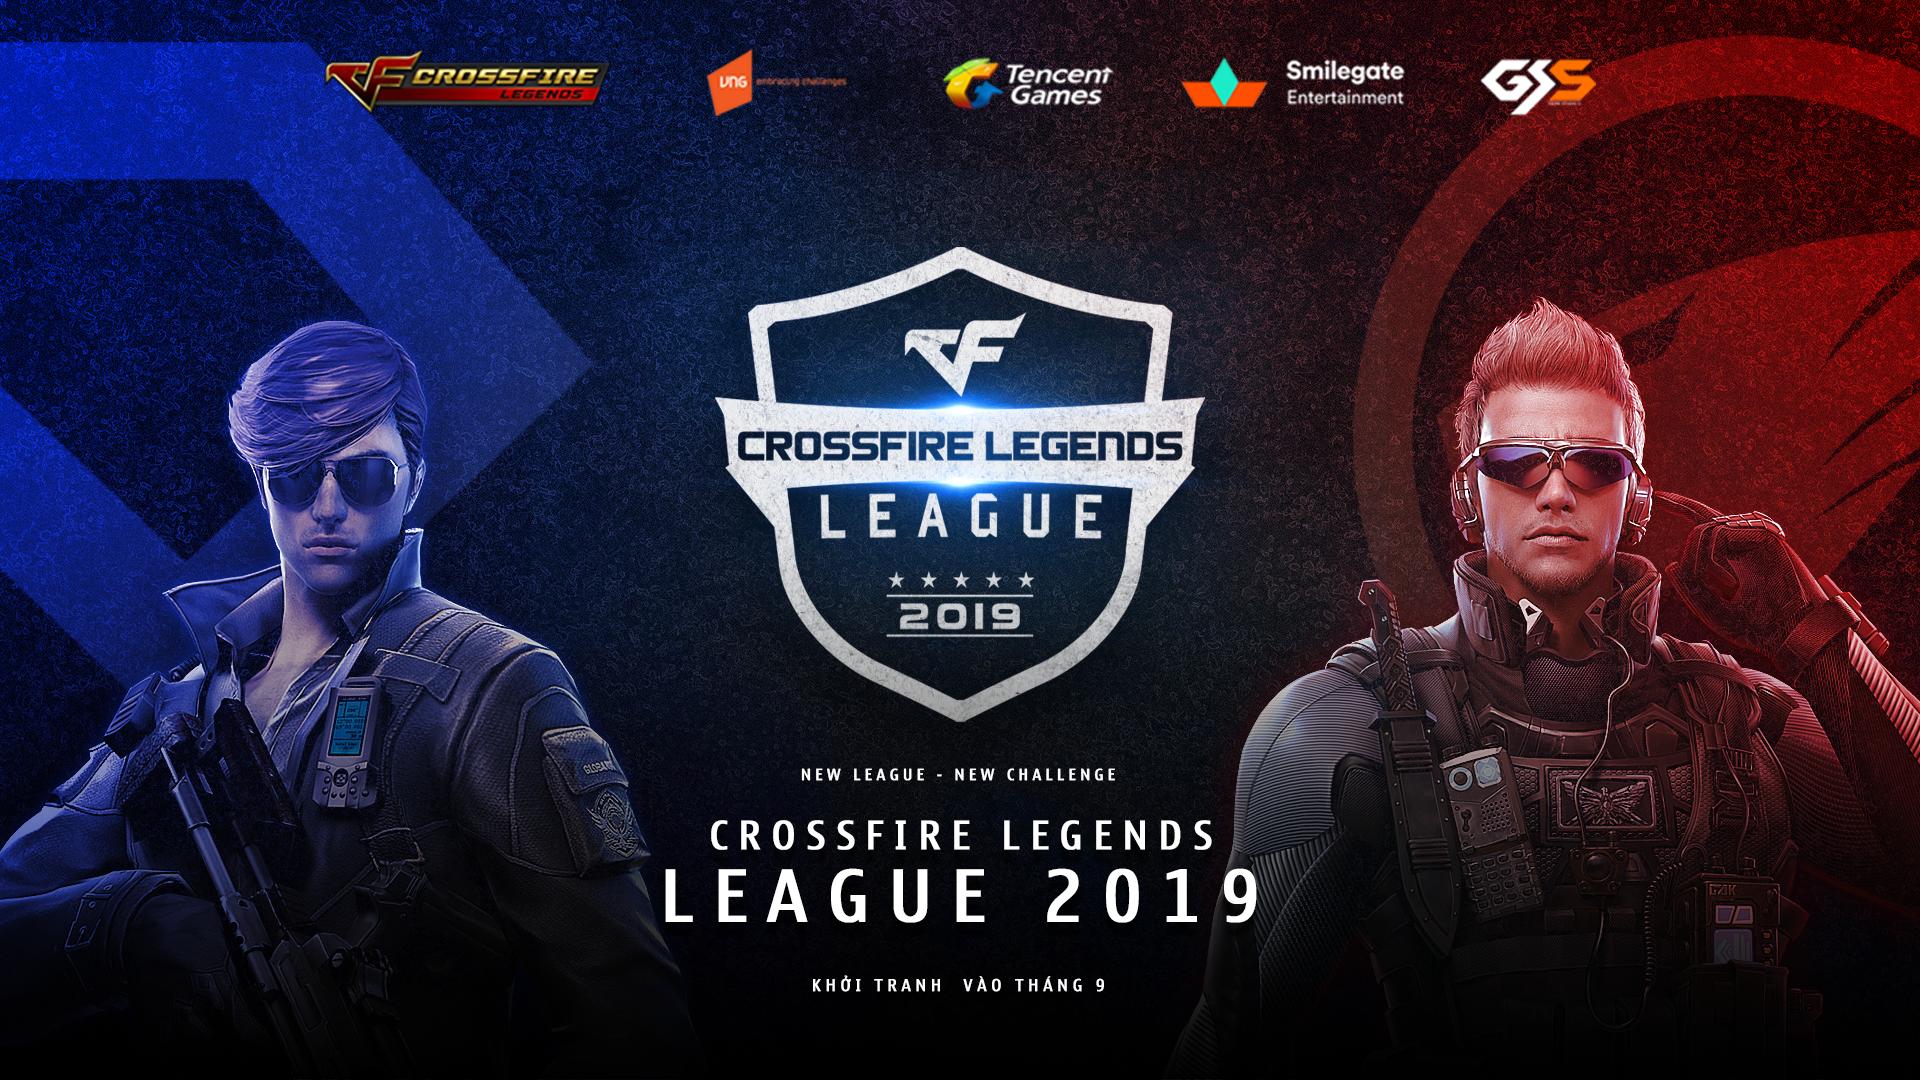 CrossFire Legends League 2019: Gần 80 xạ thủ tham gia giải đấu sau một ngày mở đăng ký